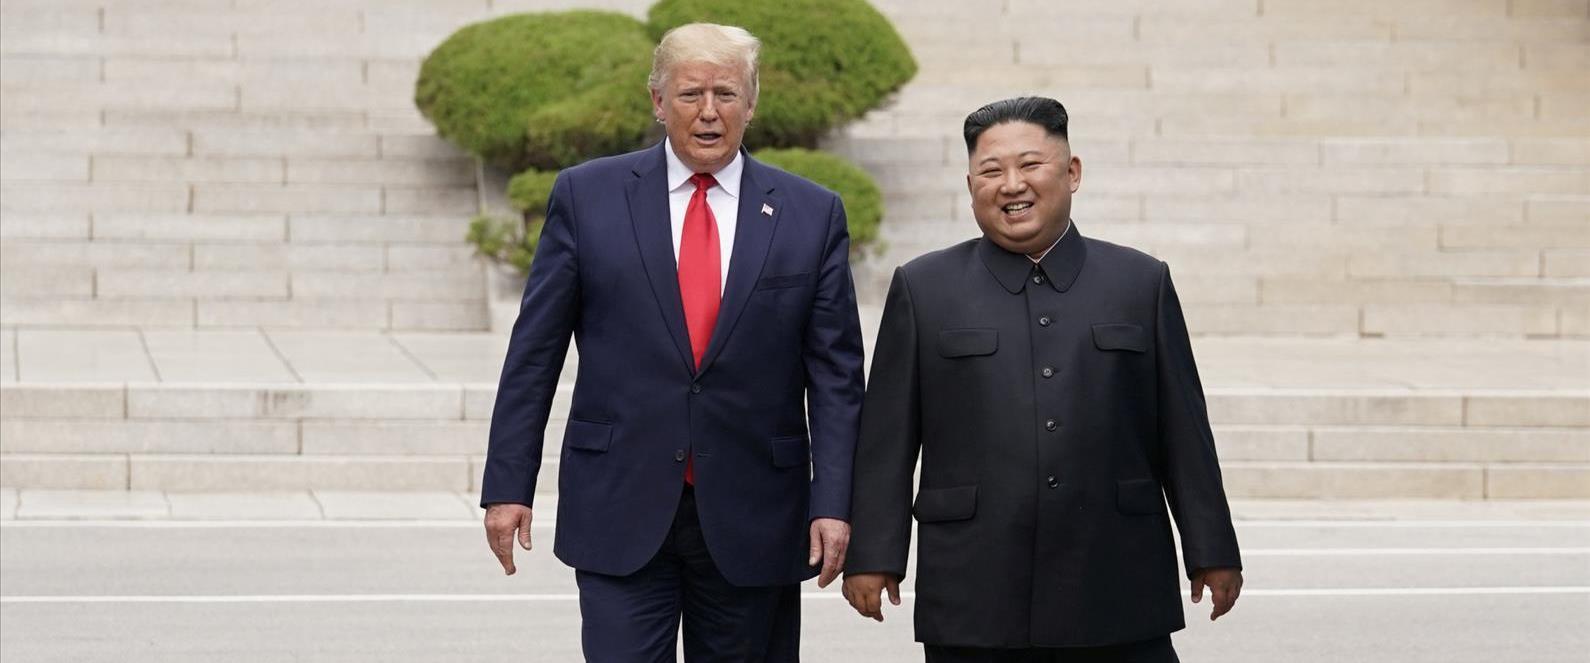 דונלד טראמפ וקים ג'ונג און באזור המפורז 30.06.19